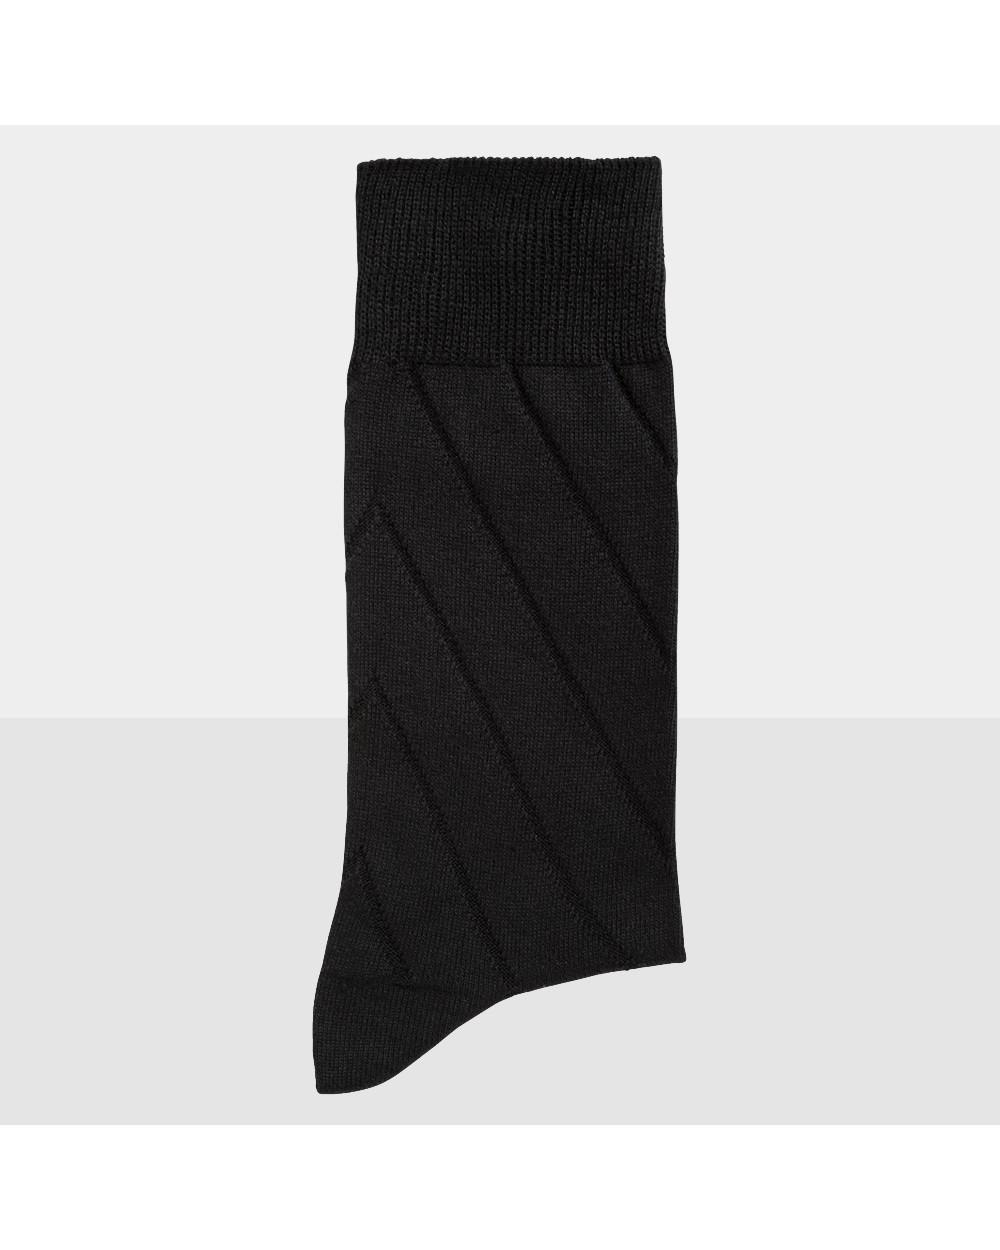 Chaussettes coton motif diagonales